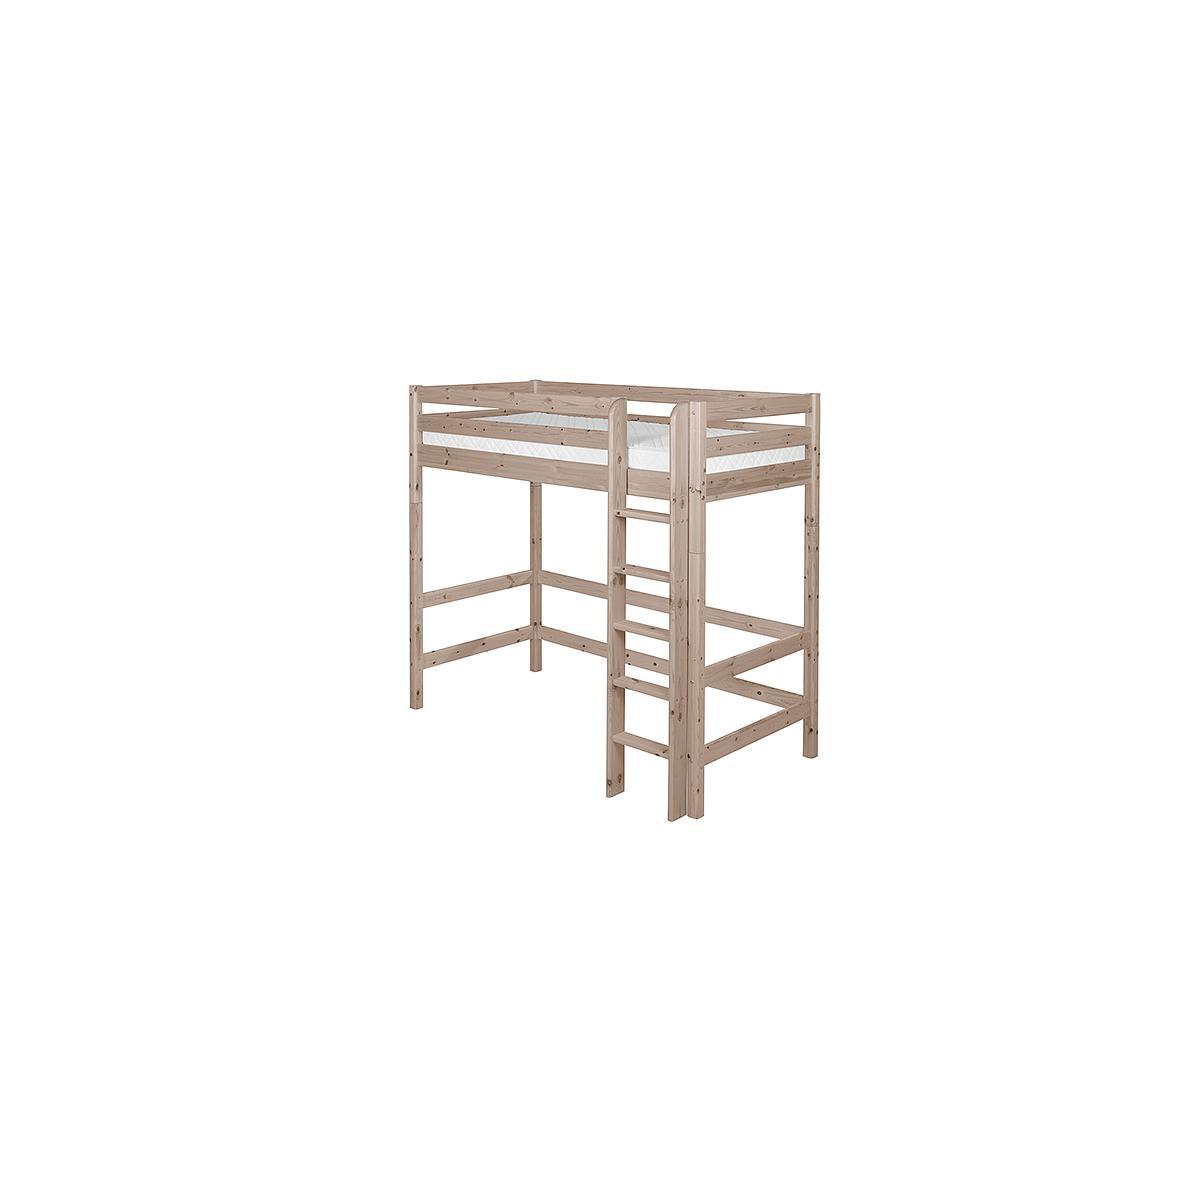 Cama alta 90x200 CLASSIC Flexa escalera recta terra